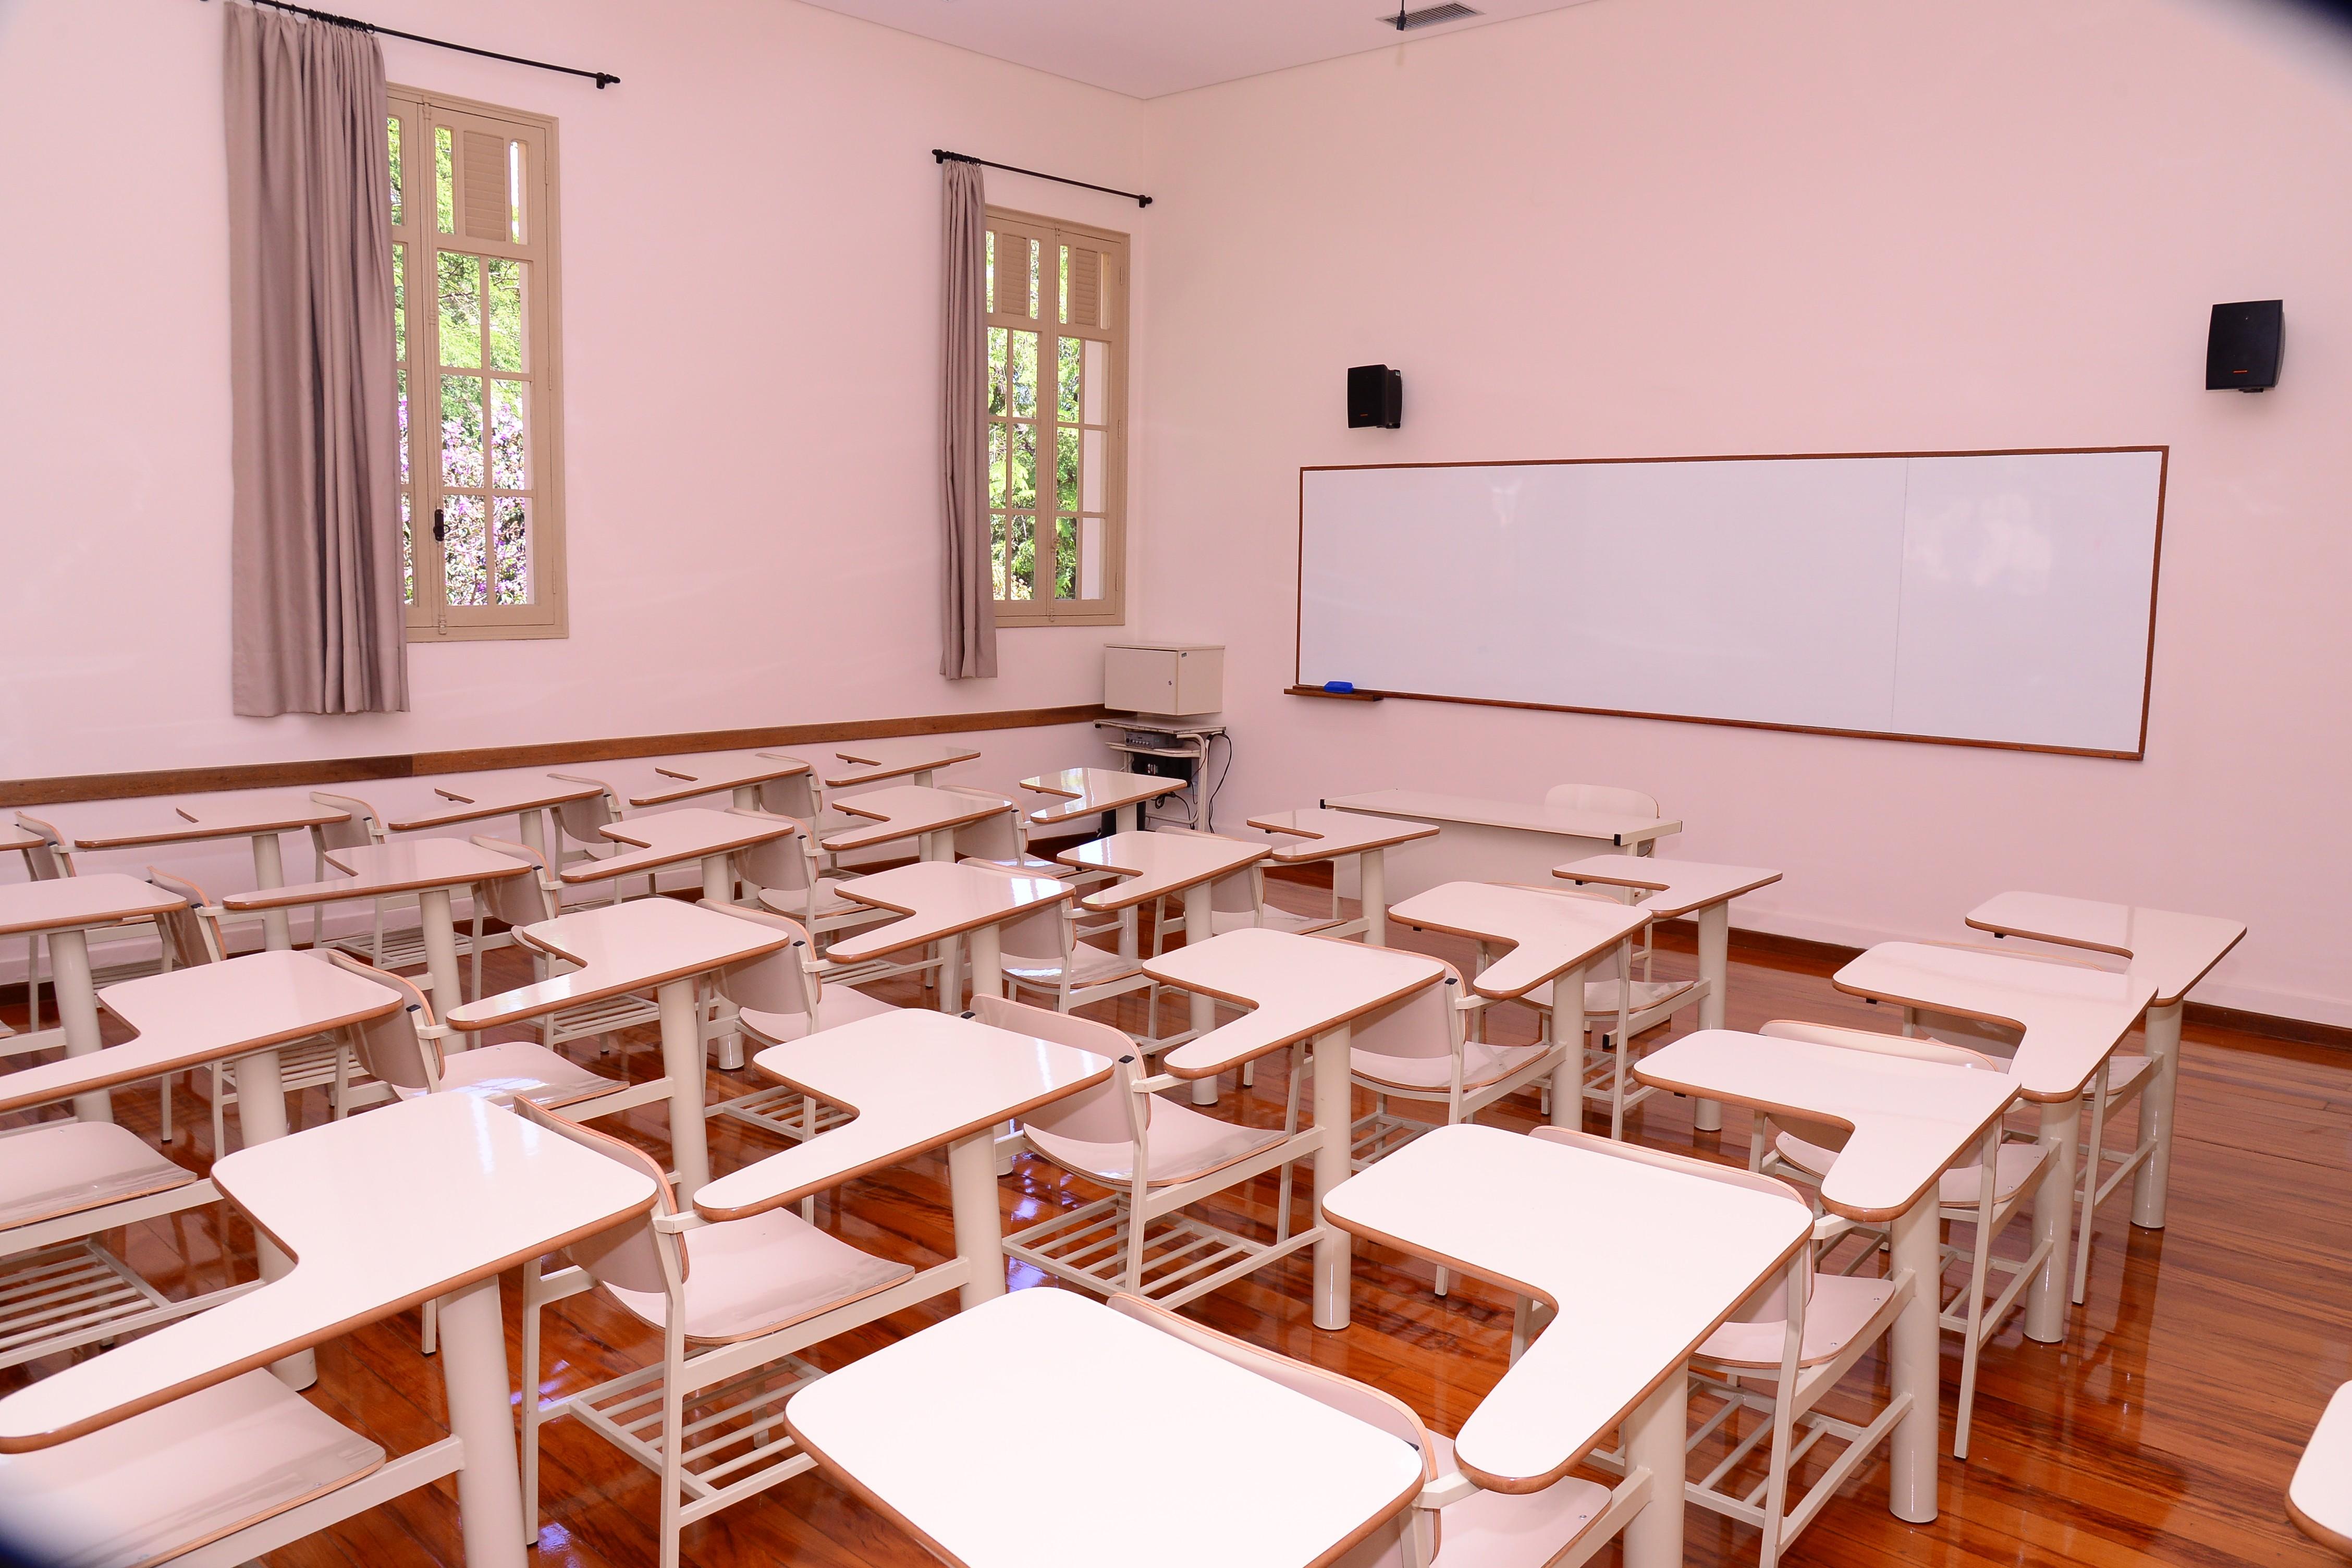 Mais de 6 milhões de estudantes não tiveram acesso a atividades escolares em outubro, aponta IBGE